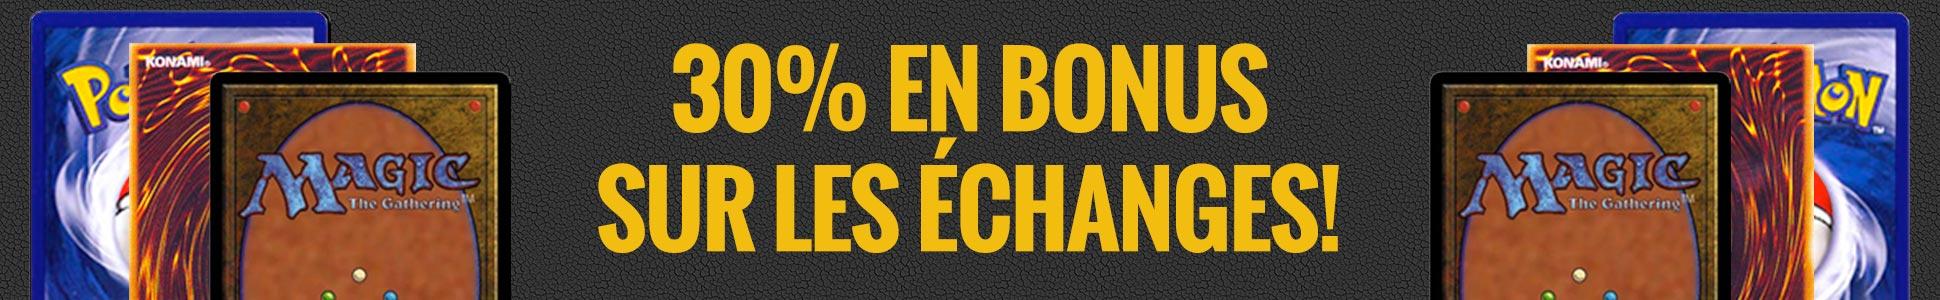 30% en bonus sur échange